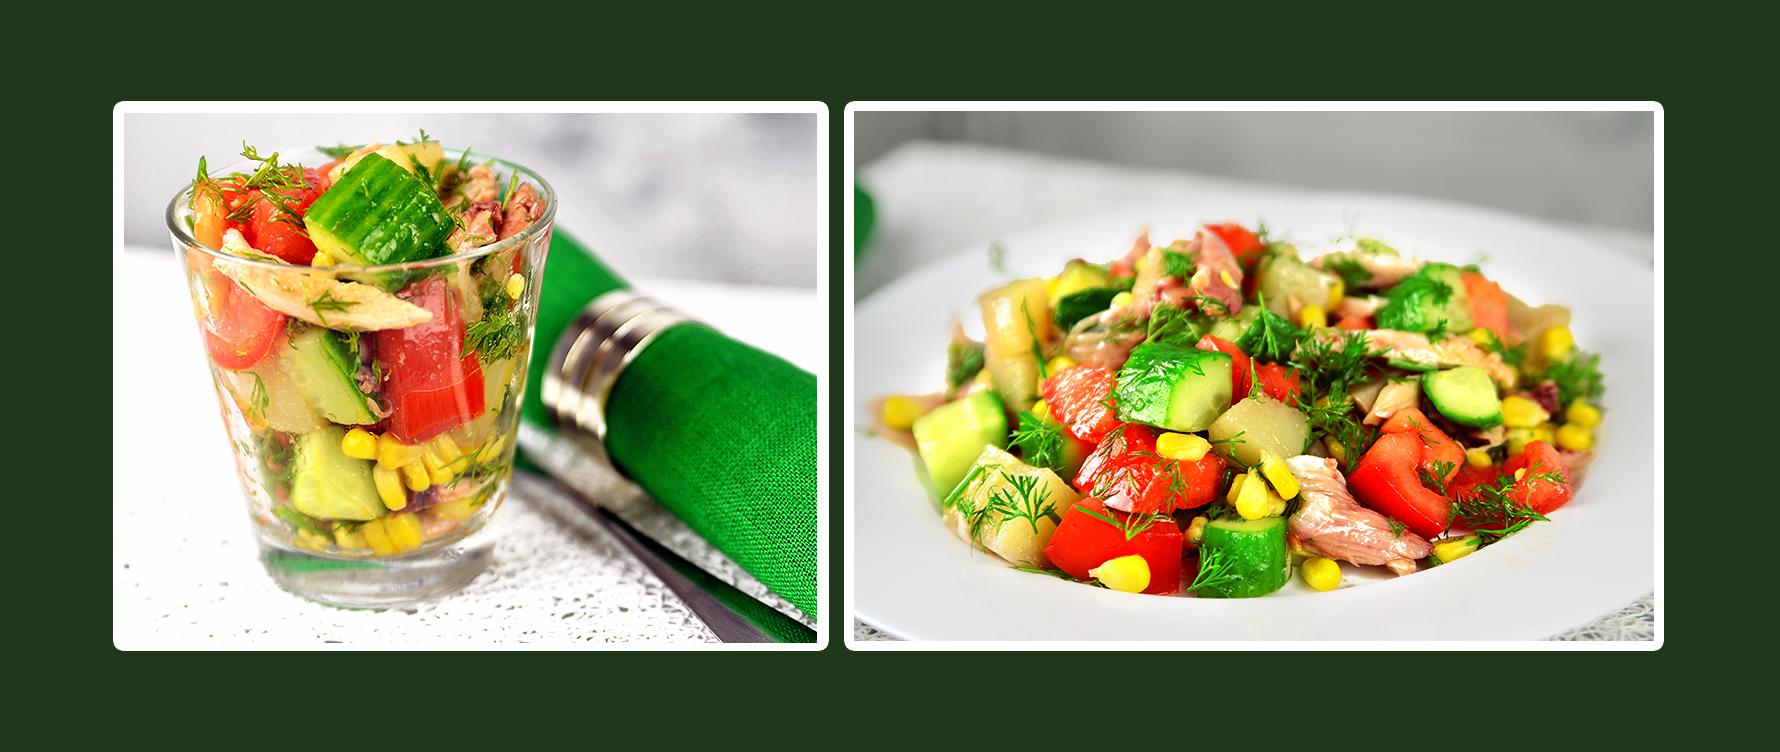 Gemüsesalat mit Hähnchenbrustfilet lecker und gesund für den Festtisch